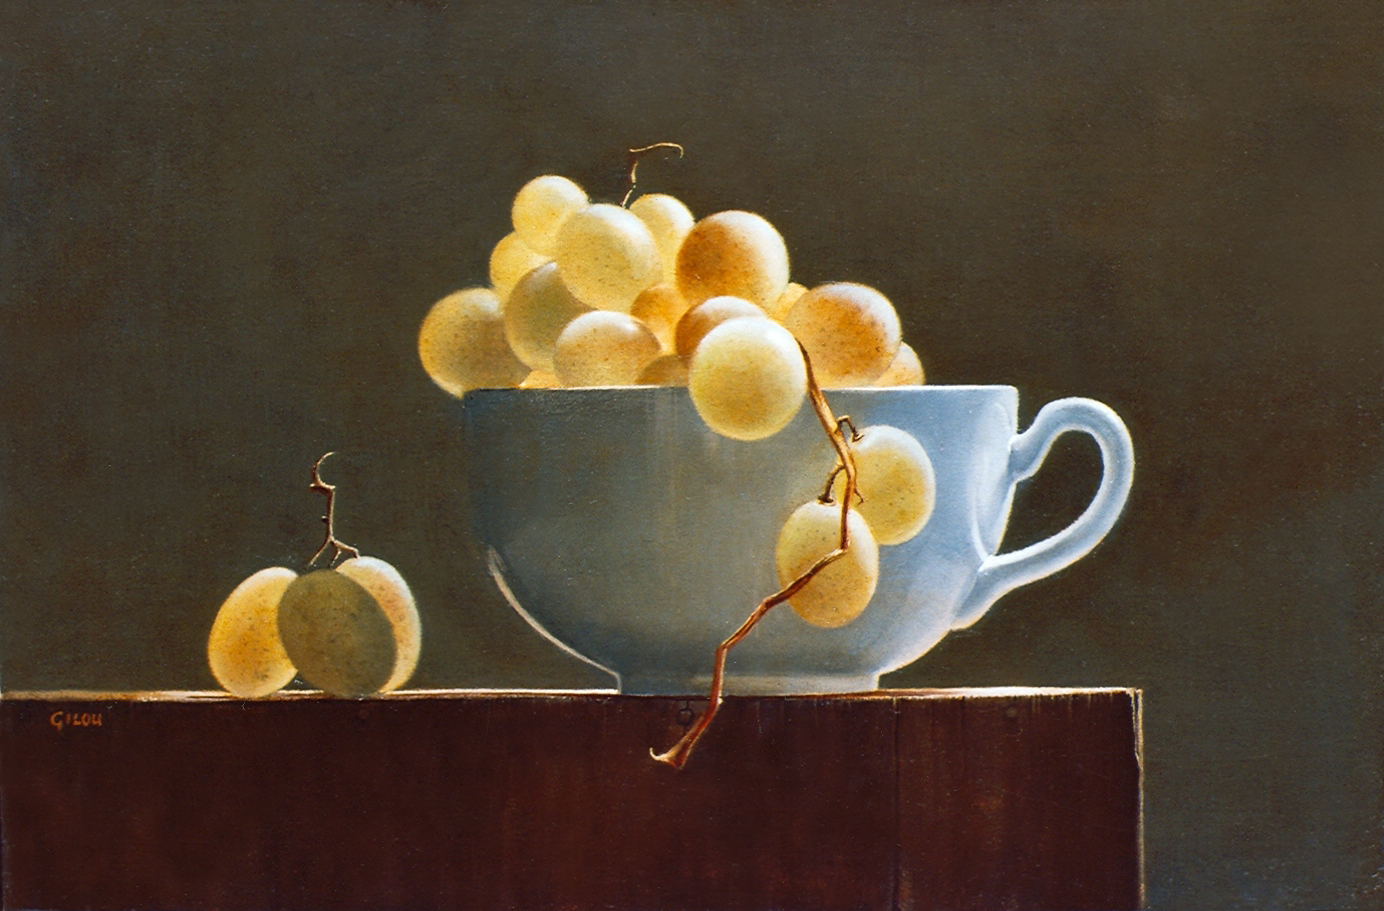 Gilou, Tasse blanche aux raisins blancs